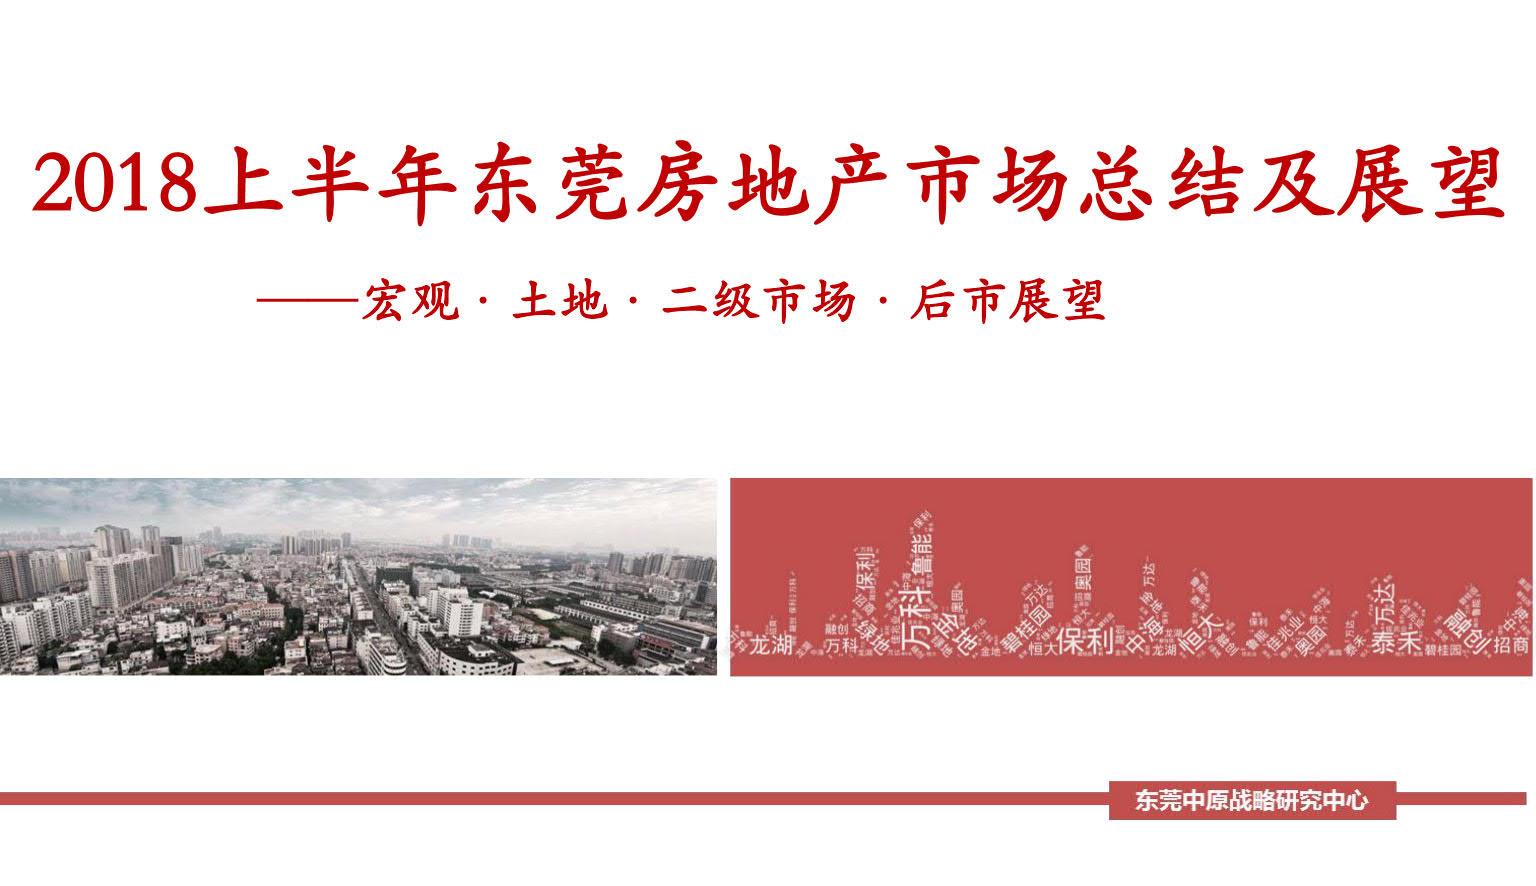 中原地产发布:2018年上半年东莞房地产市场总结与展望【客户版】_1.jpg